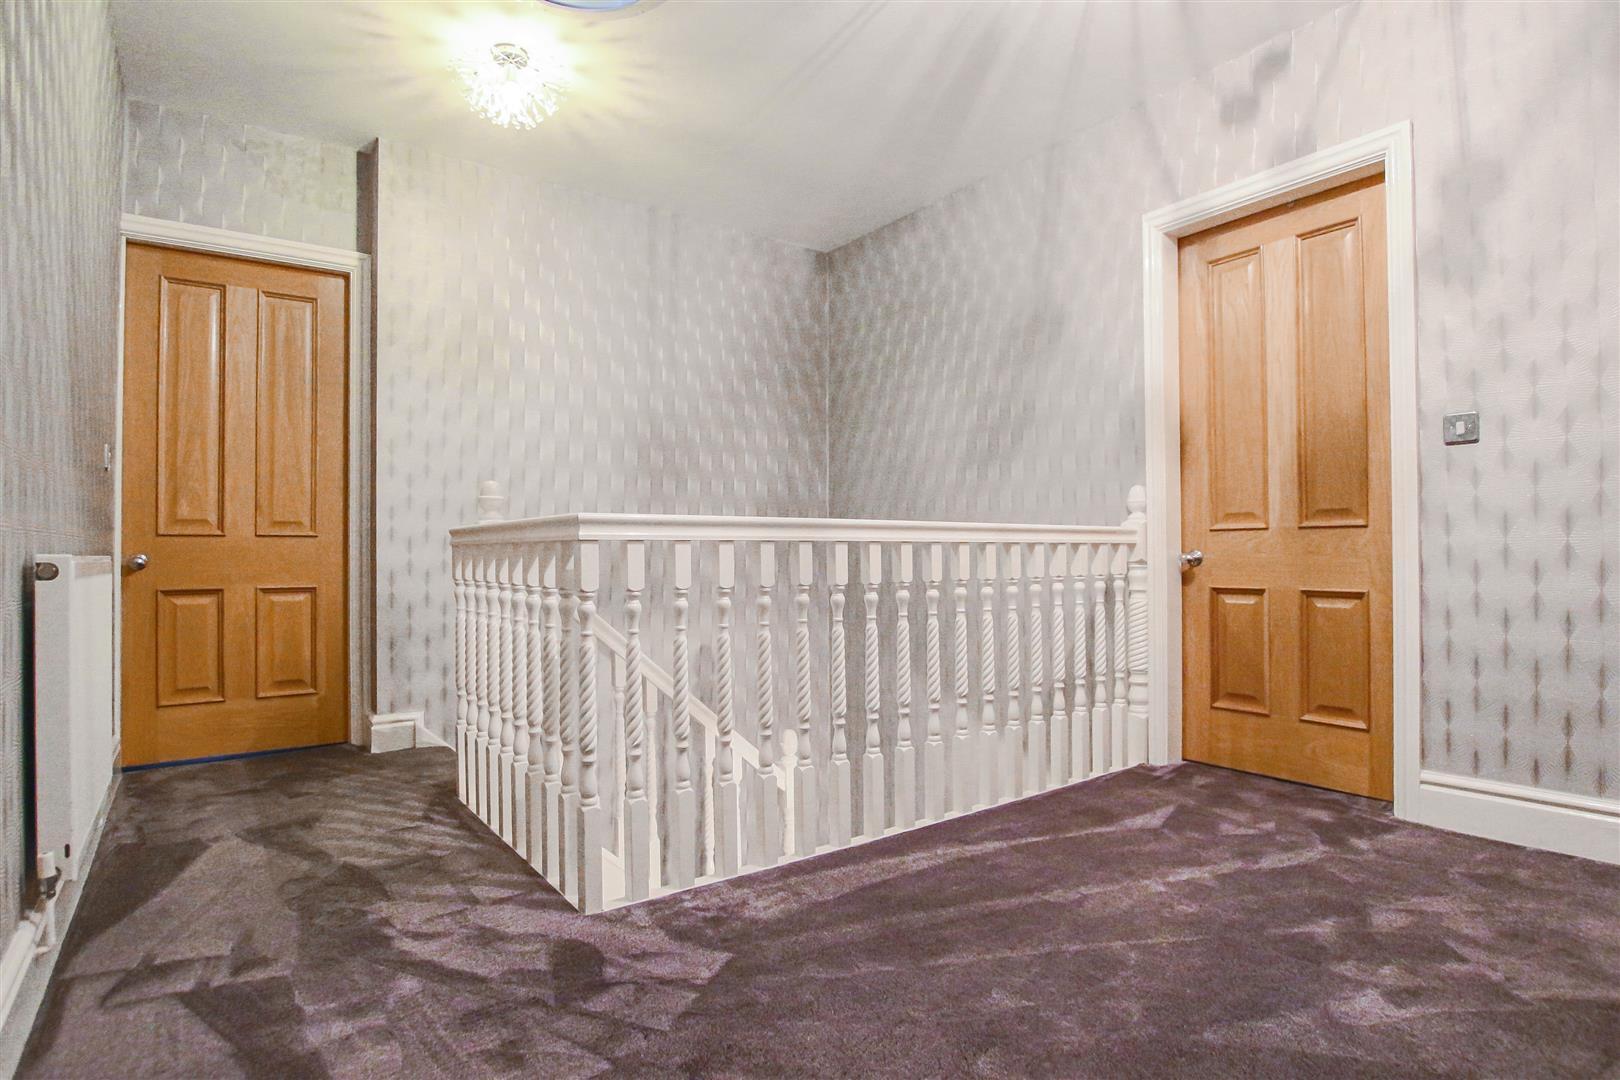 4 Bedroom Detached House For Sale - Landing